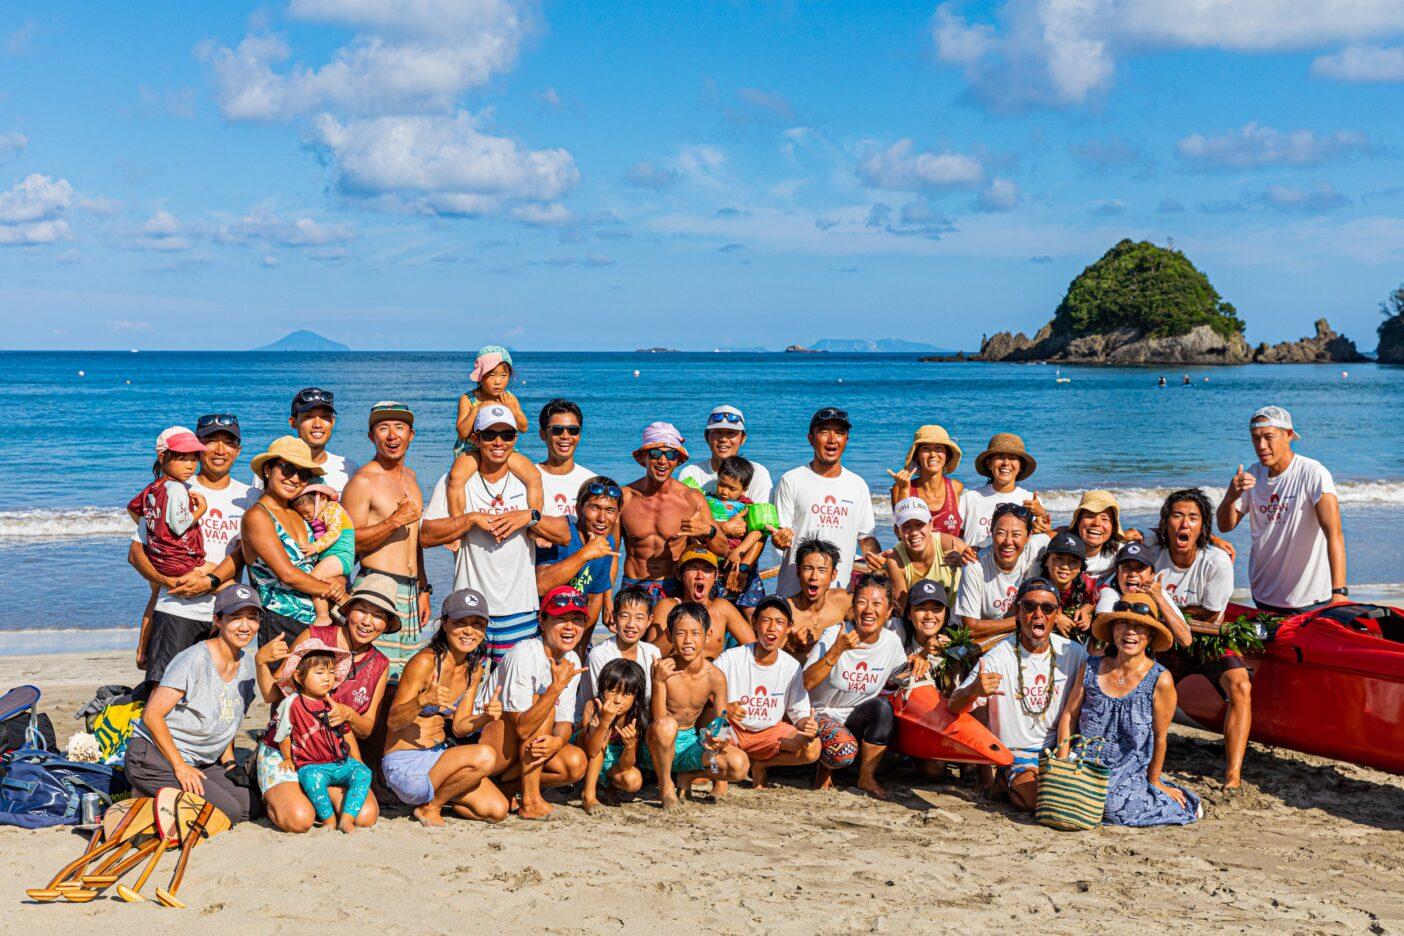 大海原に暮らすohana ka wa'a(カヌー家族)。航海は冒険ではなく、心の糧であり、日々の営み。Photo:Sayoko Suzuki